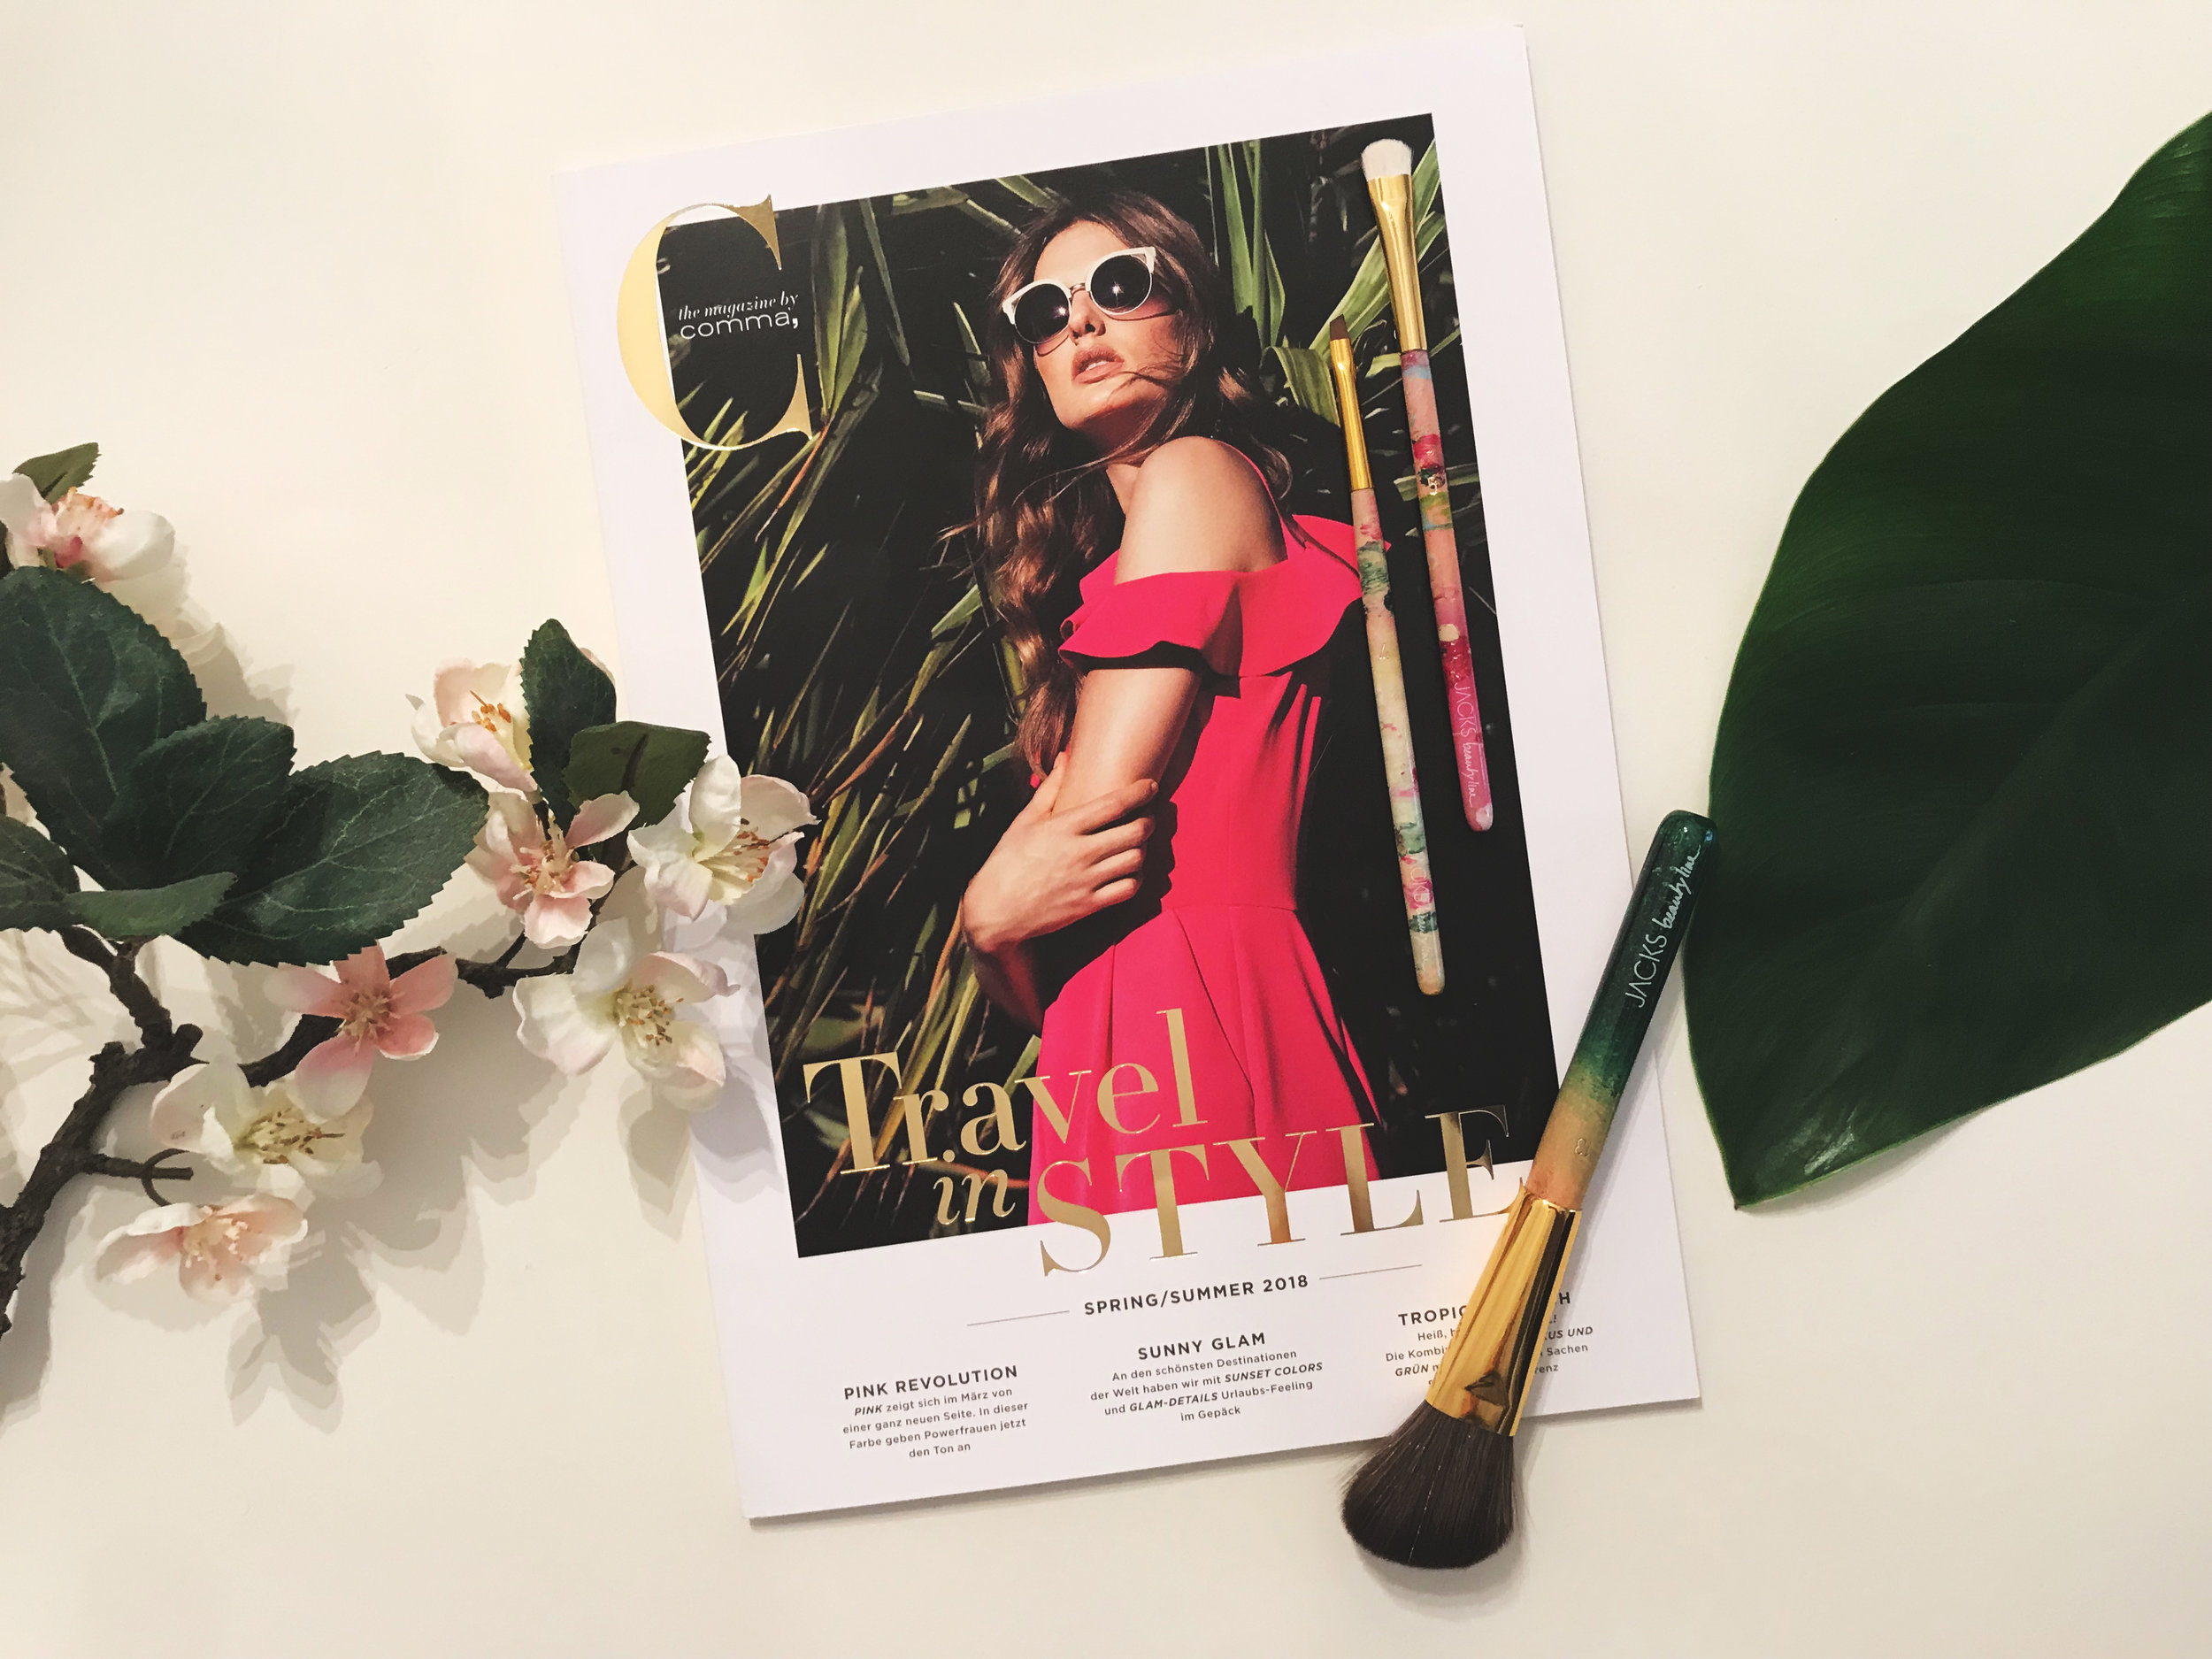 the magazine by comma, Ausgabe Spring/Summer 2018 zusammen mit JACKS beauty line Pinseln 4, 5 &13